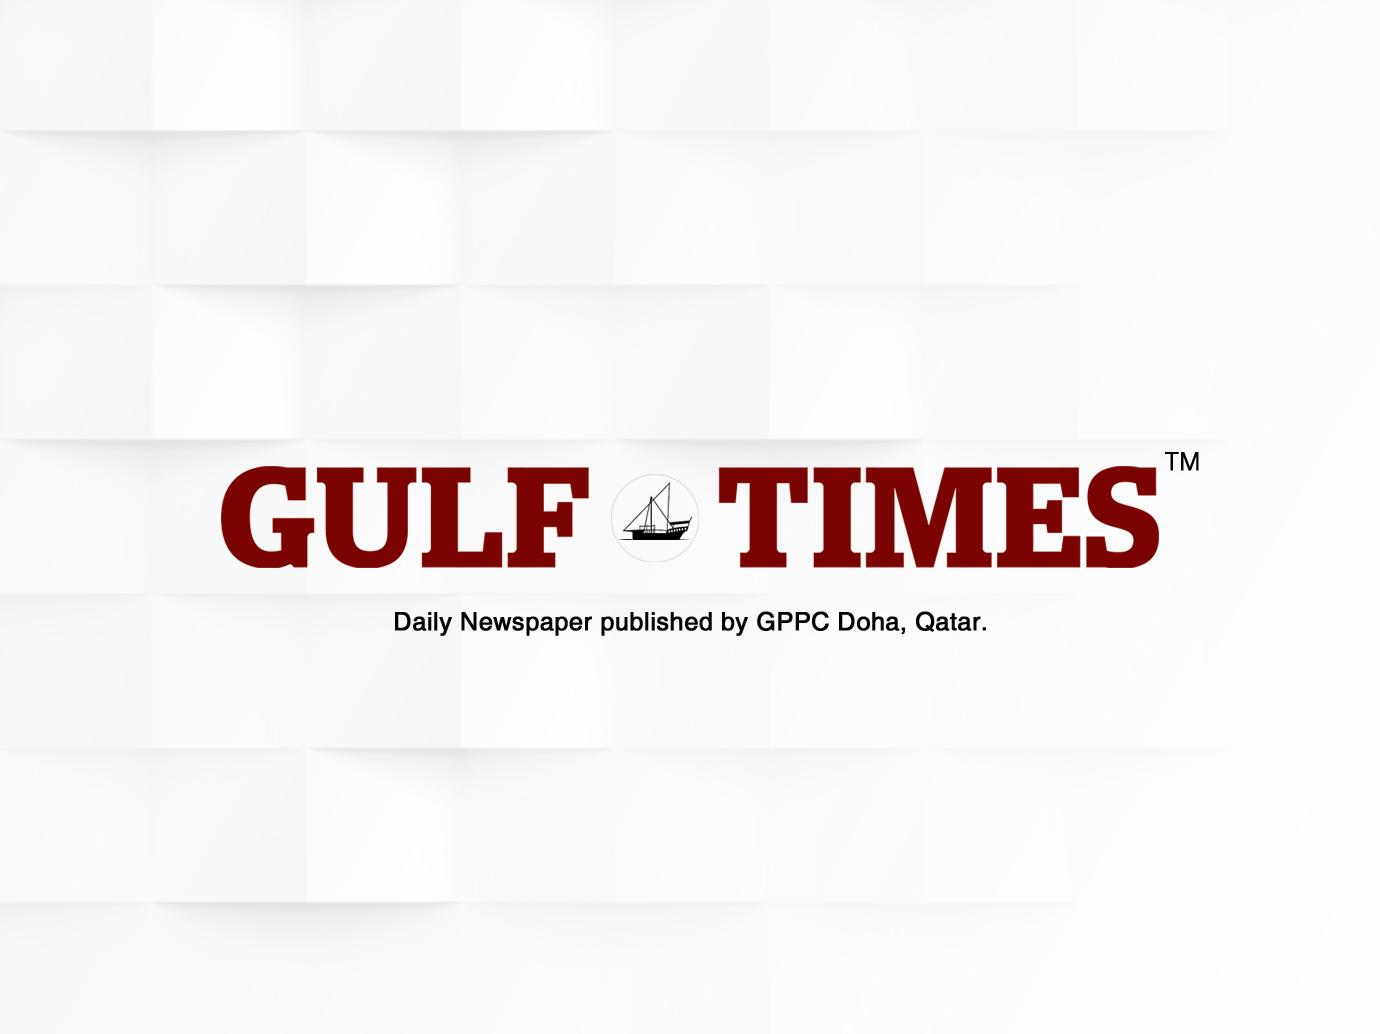 وظائف جريدة جلف تايمز القطرية لمختلف التخصصات بكبري الشركات